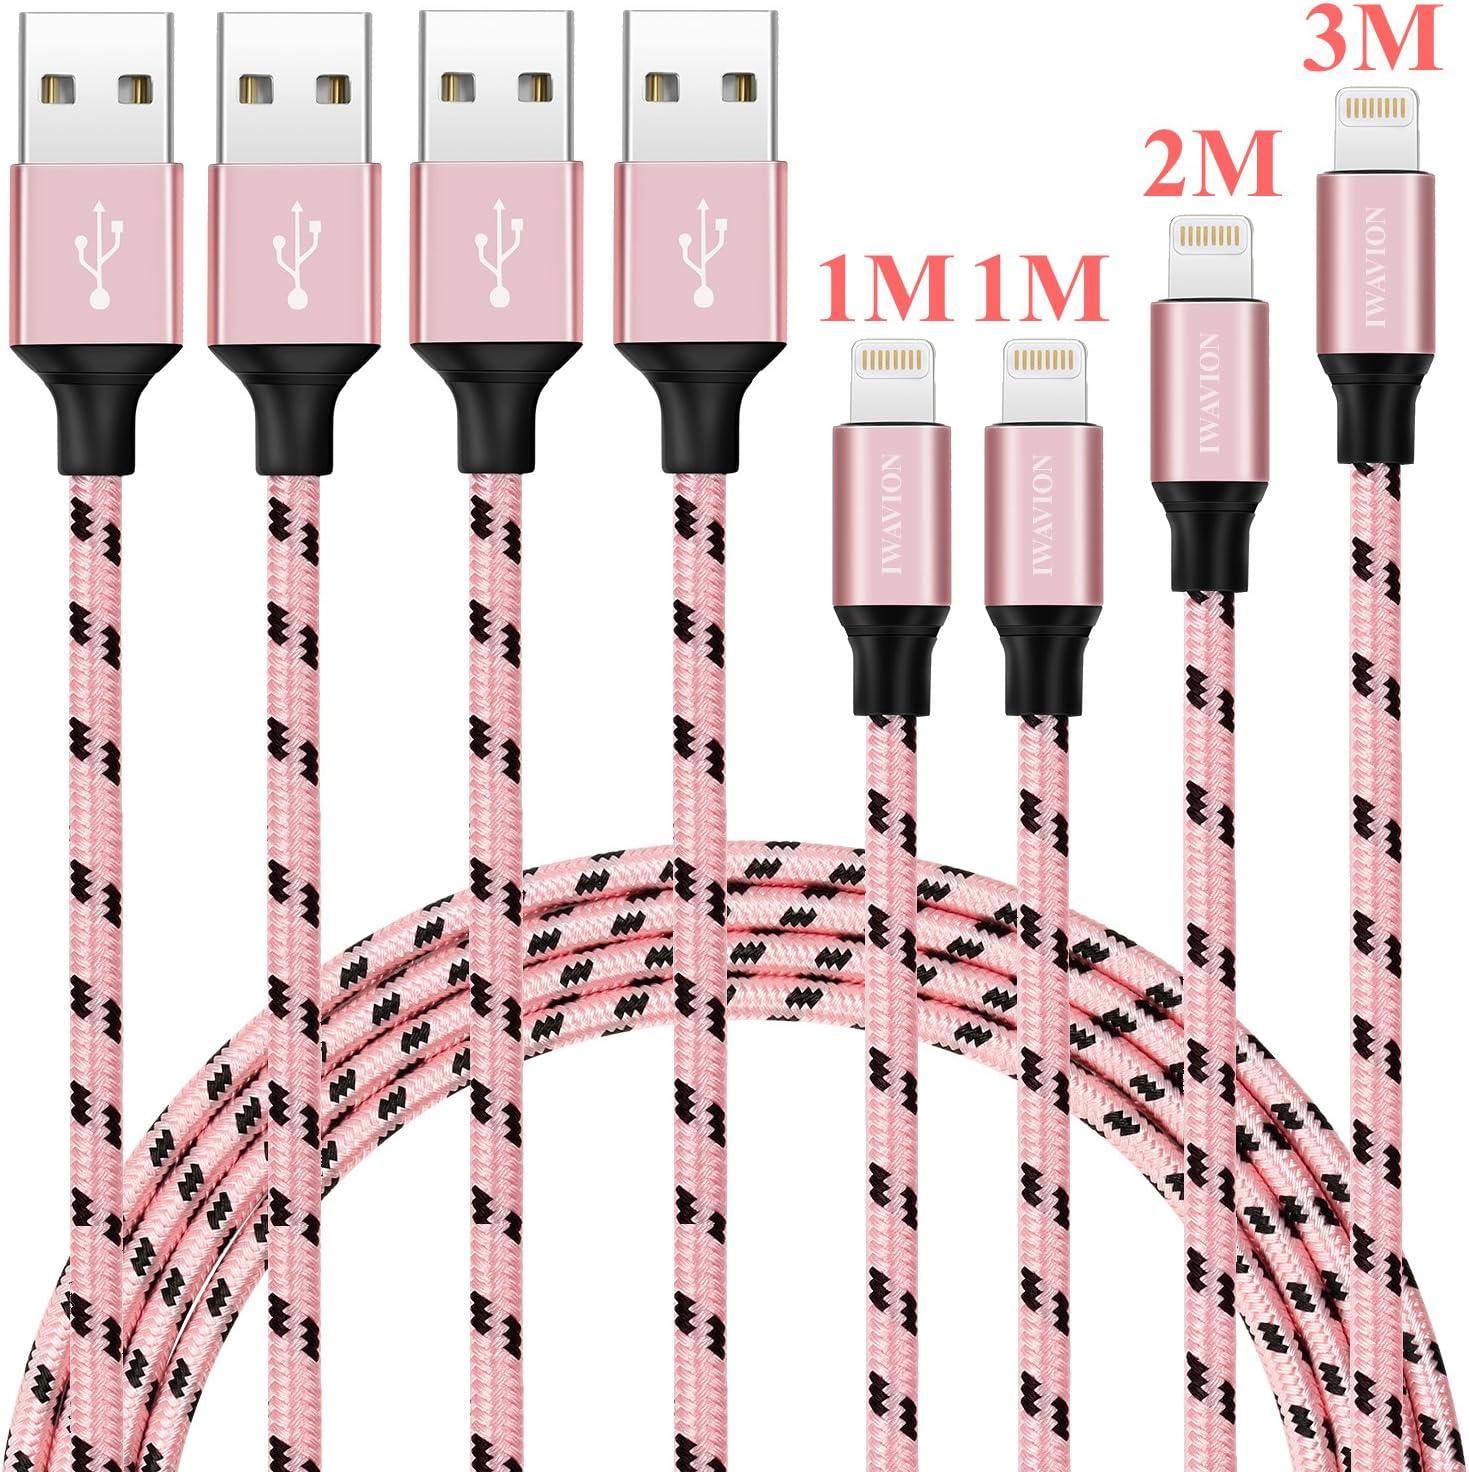 Cable iPhone, IWAVION 4 Pack 1M 1M 2M 3M Cargador iPhone Nylon trenzado Cable para iPhone 7 7Plus SE 6s 6 Plus 5s 5c 5 se, iPad Pro Air 2, iPad mini